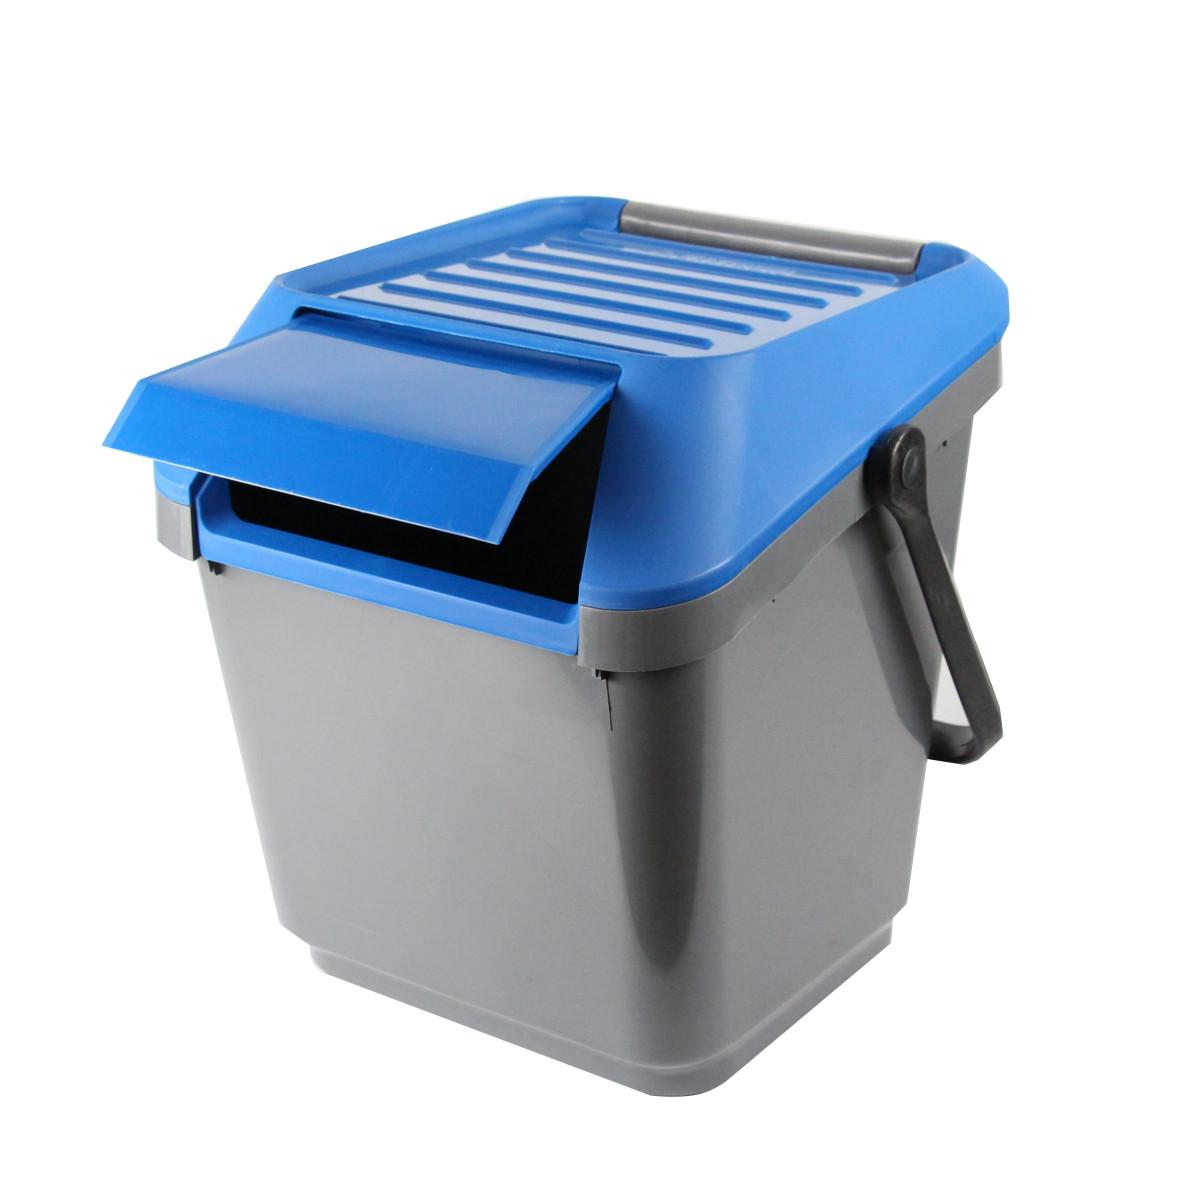 poubelle de recyclage bleue empilable tri cuisine. Black Bedroom Furniture Sets. Home Design Ideas